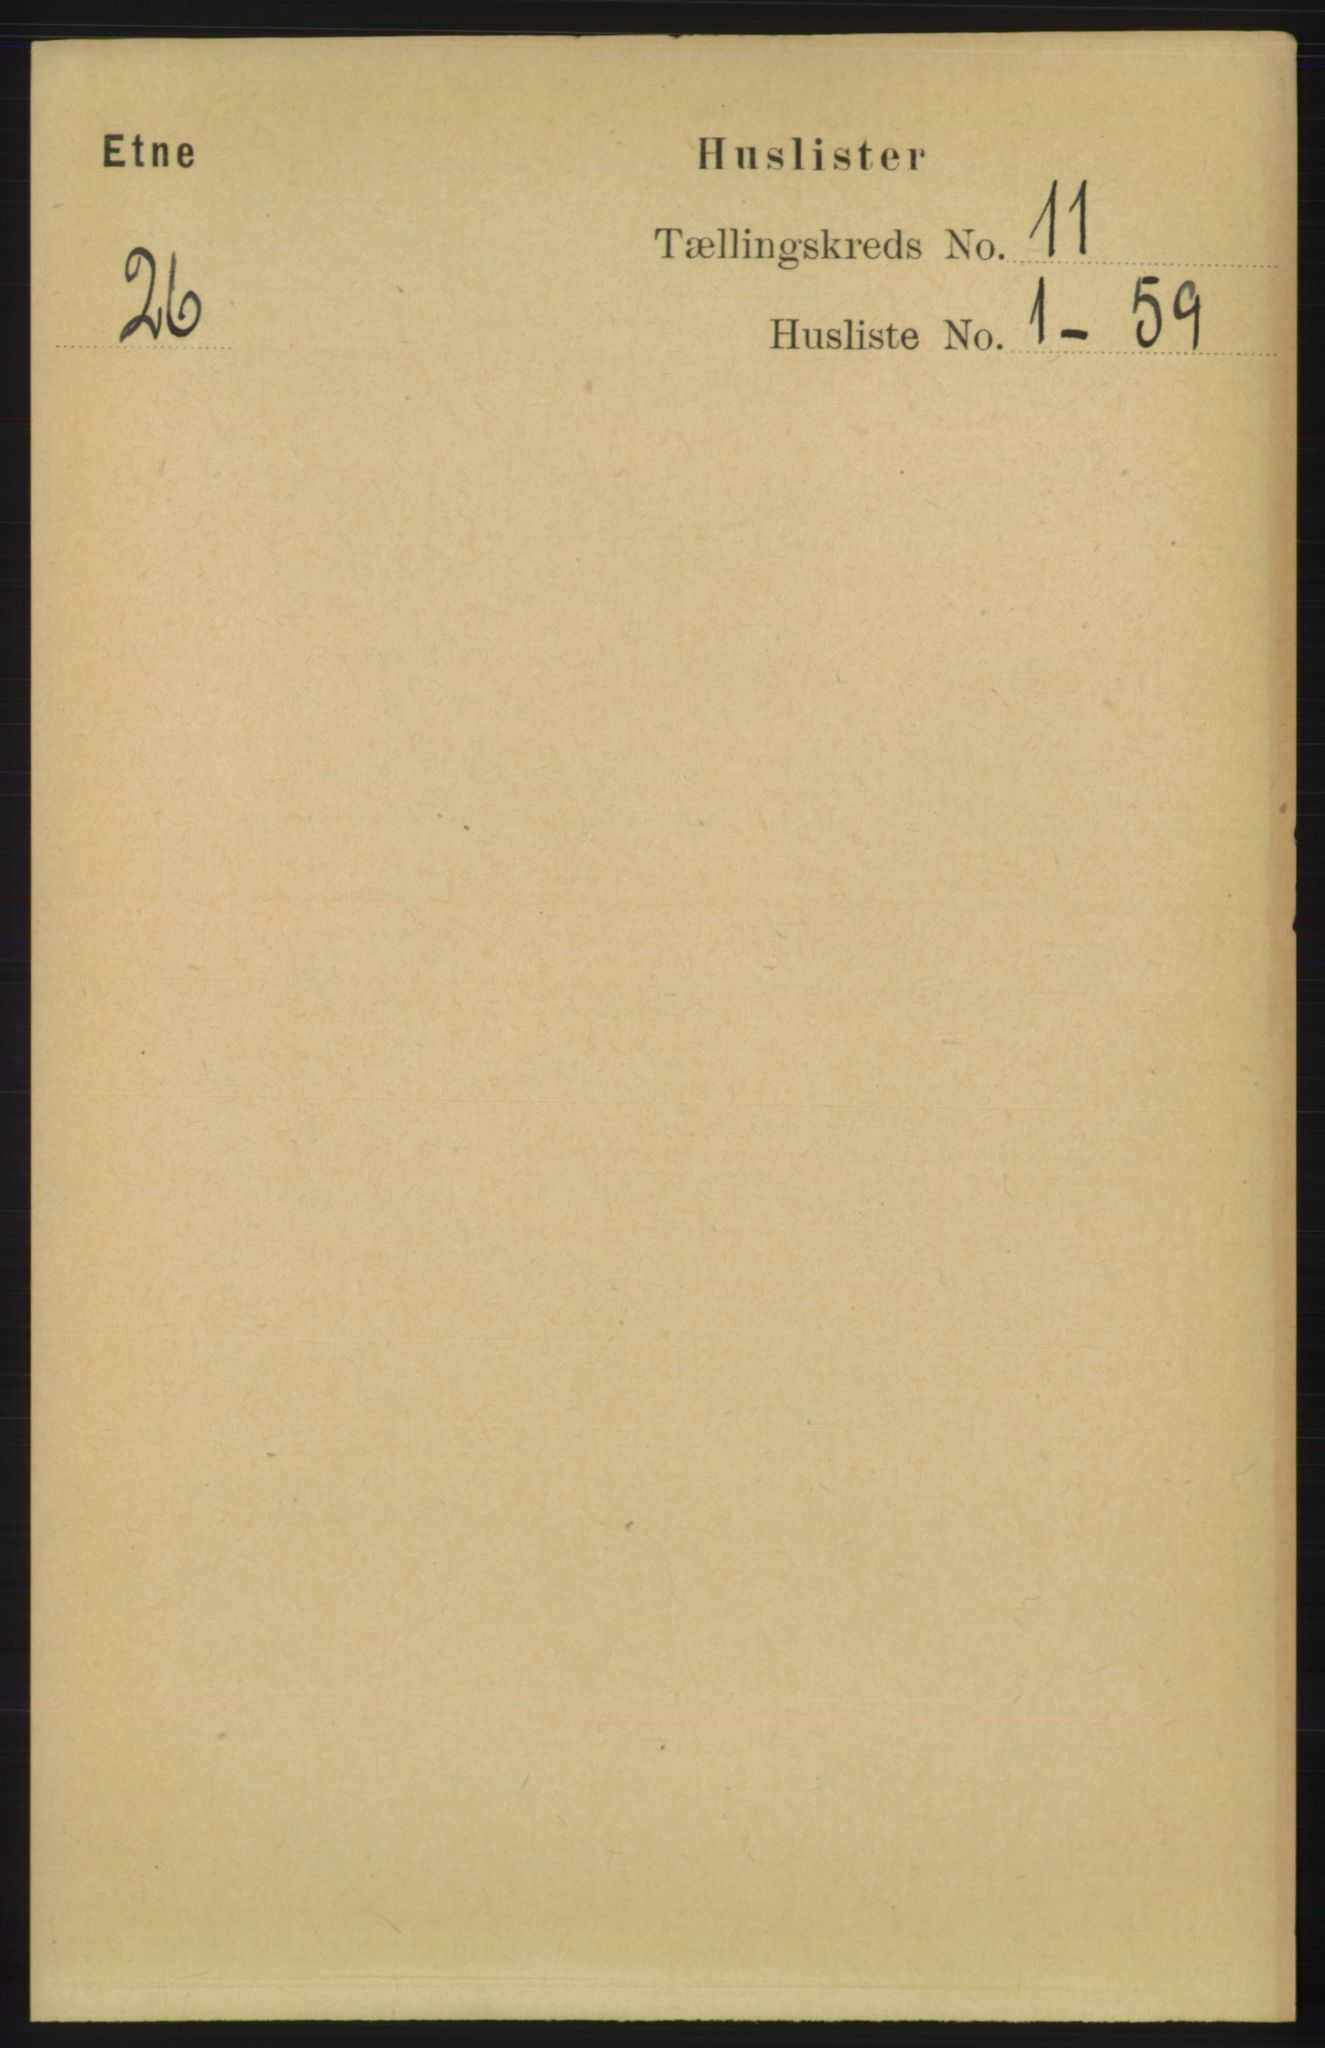 RA, Folketelling 1891 for 1211 Etne herred, 1891, s. 2202